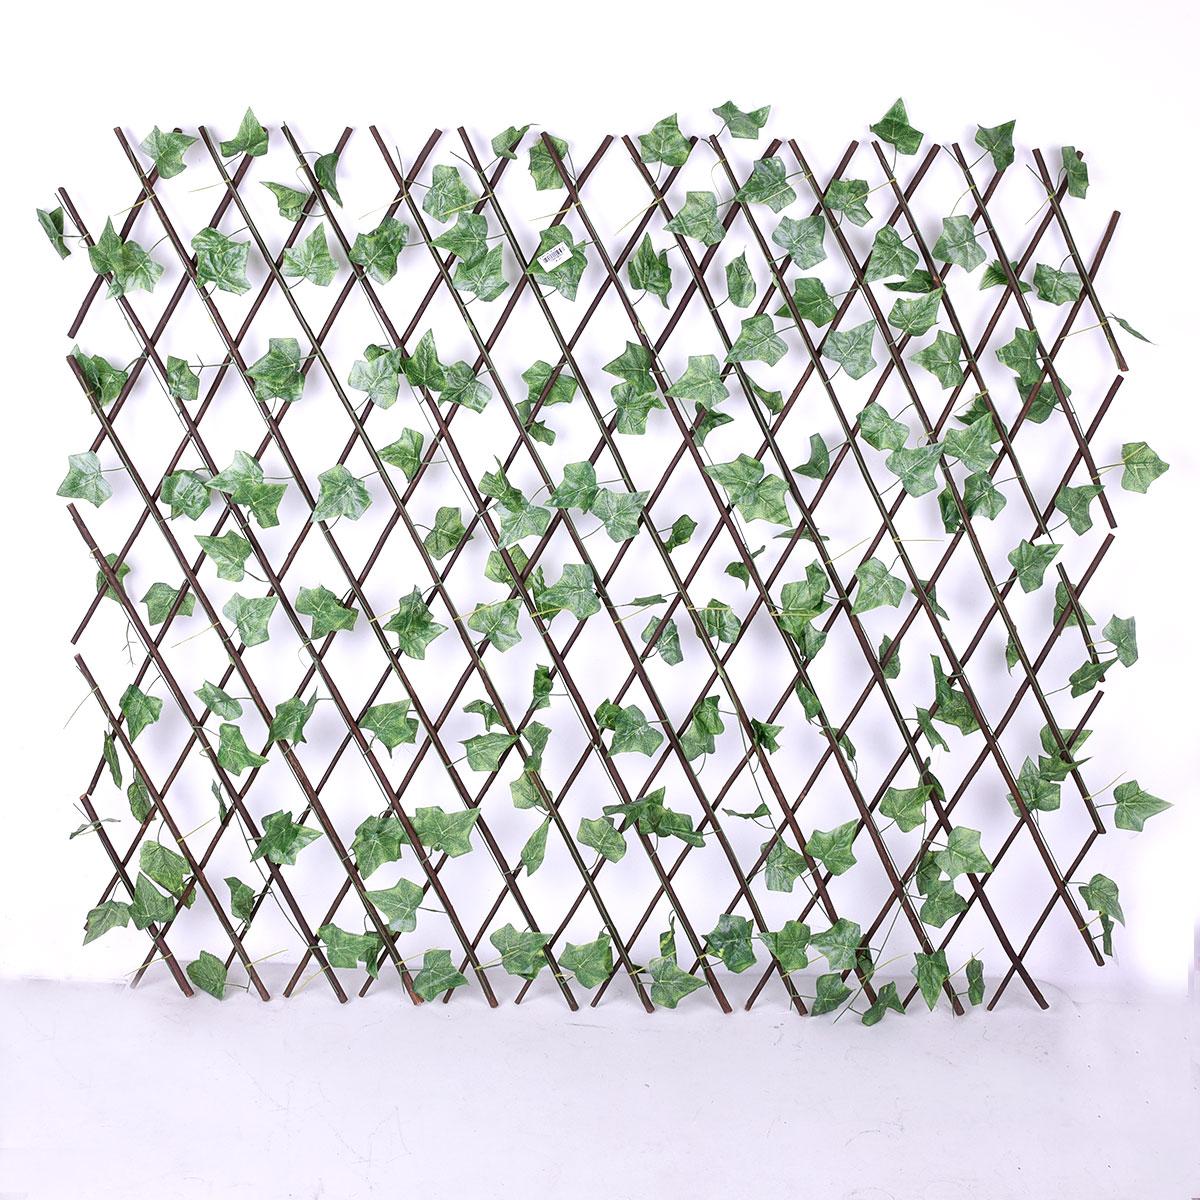 شجر زينة صناعي ستارة  -  رقم 20102 - من ماي مارت